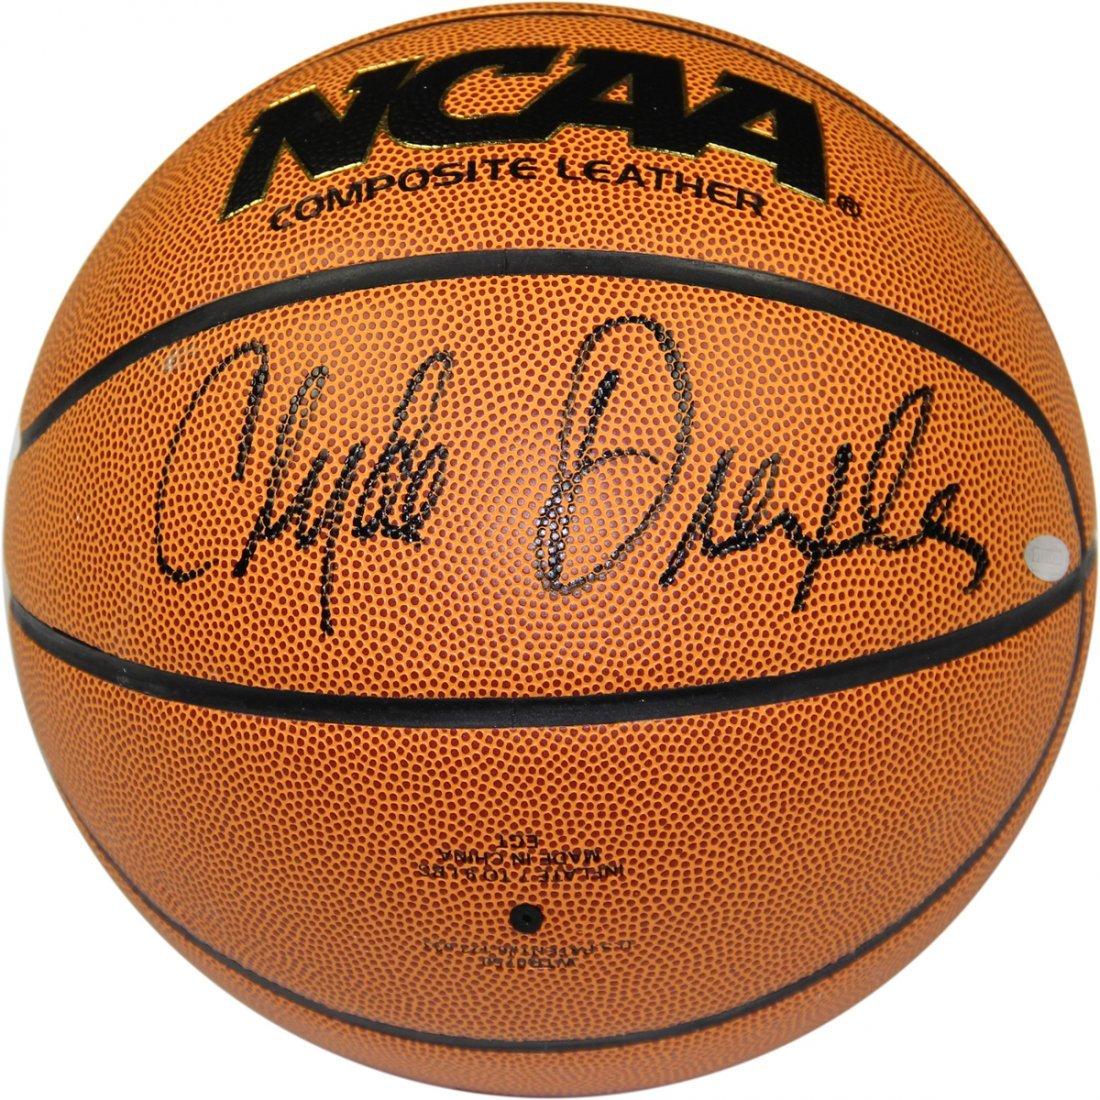 Clyde Drexler Signed NCAA I/O Basketball